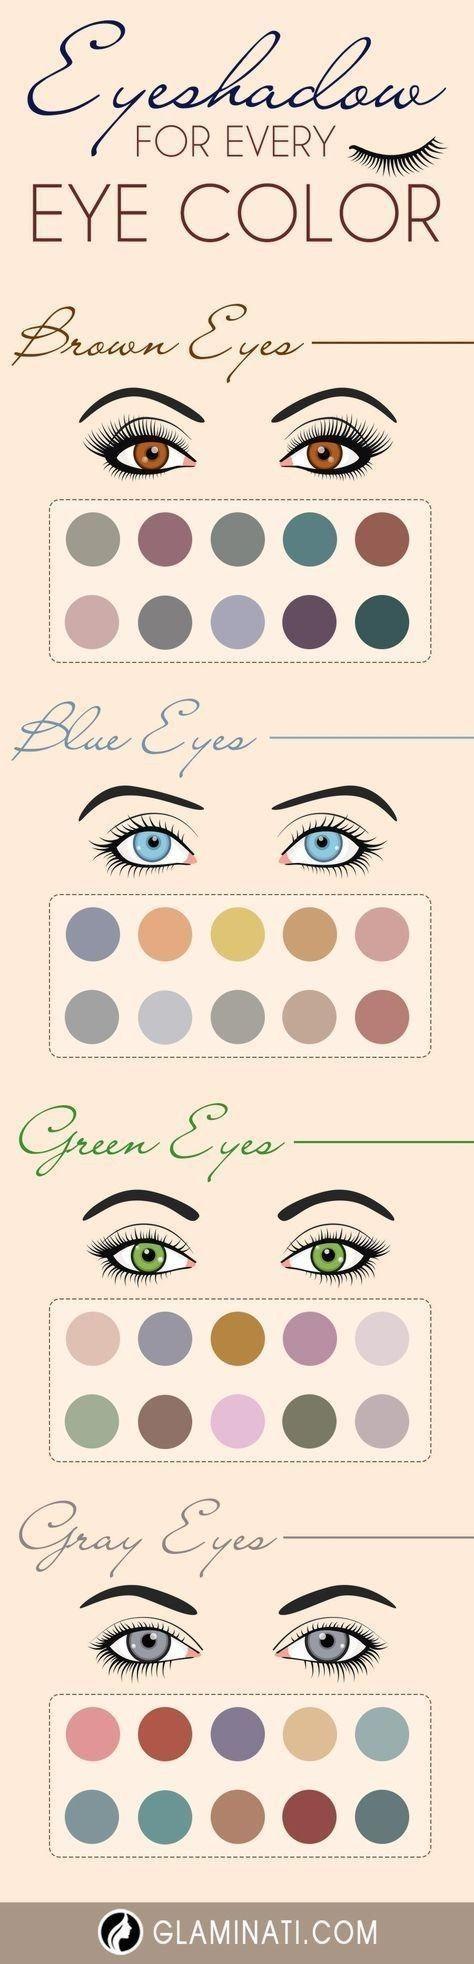 Make-up-Ideen. Bringen Sie Ihre natürliche Schönheit in atemberaubende Höhen …